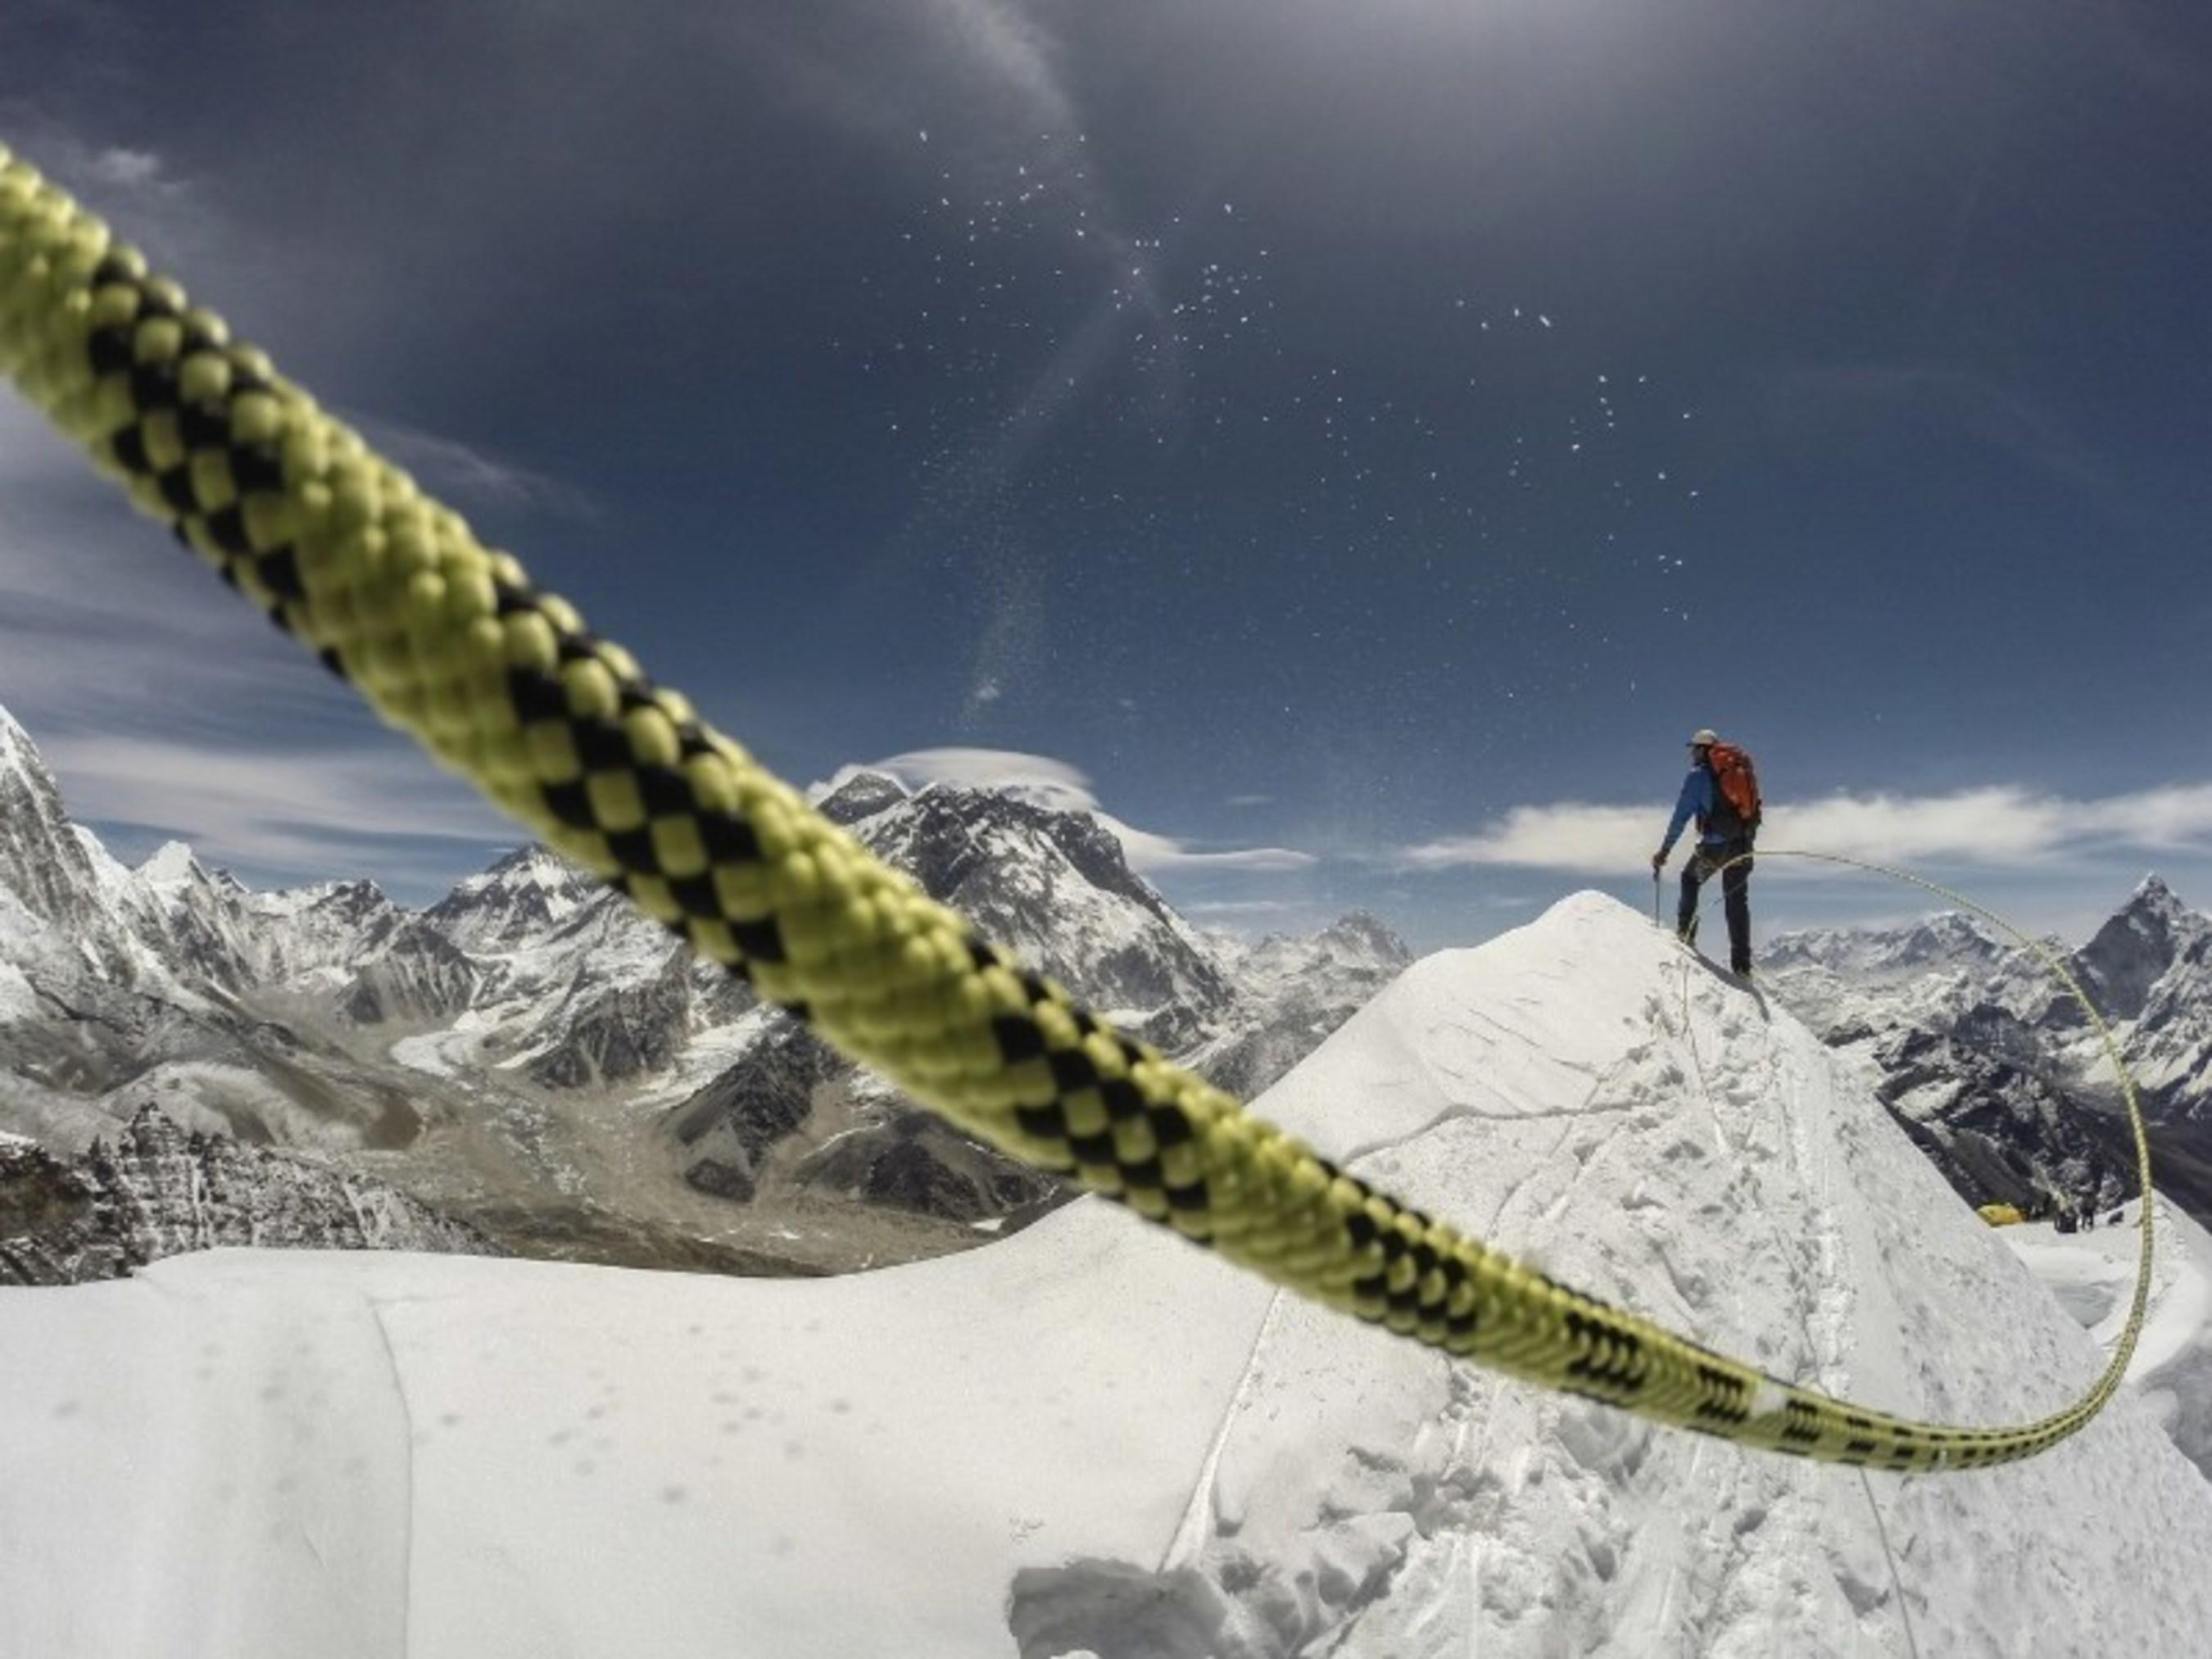 Imagen de un guia sherpa escalando el Everest, extraida del documental SHERPA, HEROES DEL EVEREST. Estreno 24 de abril a las 9PM en Discovery en Espanol.